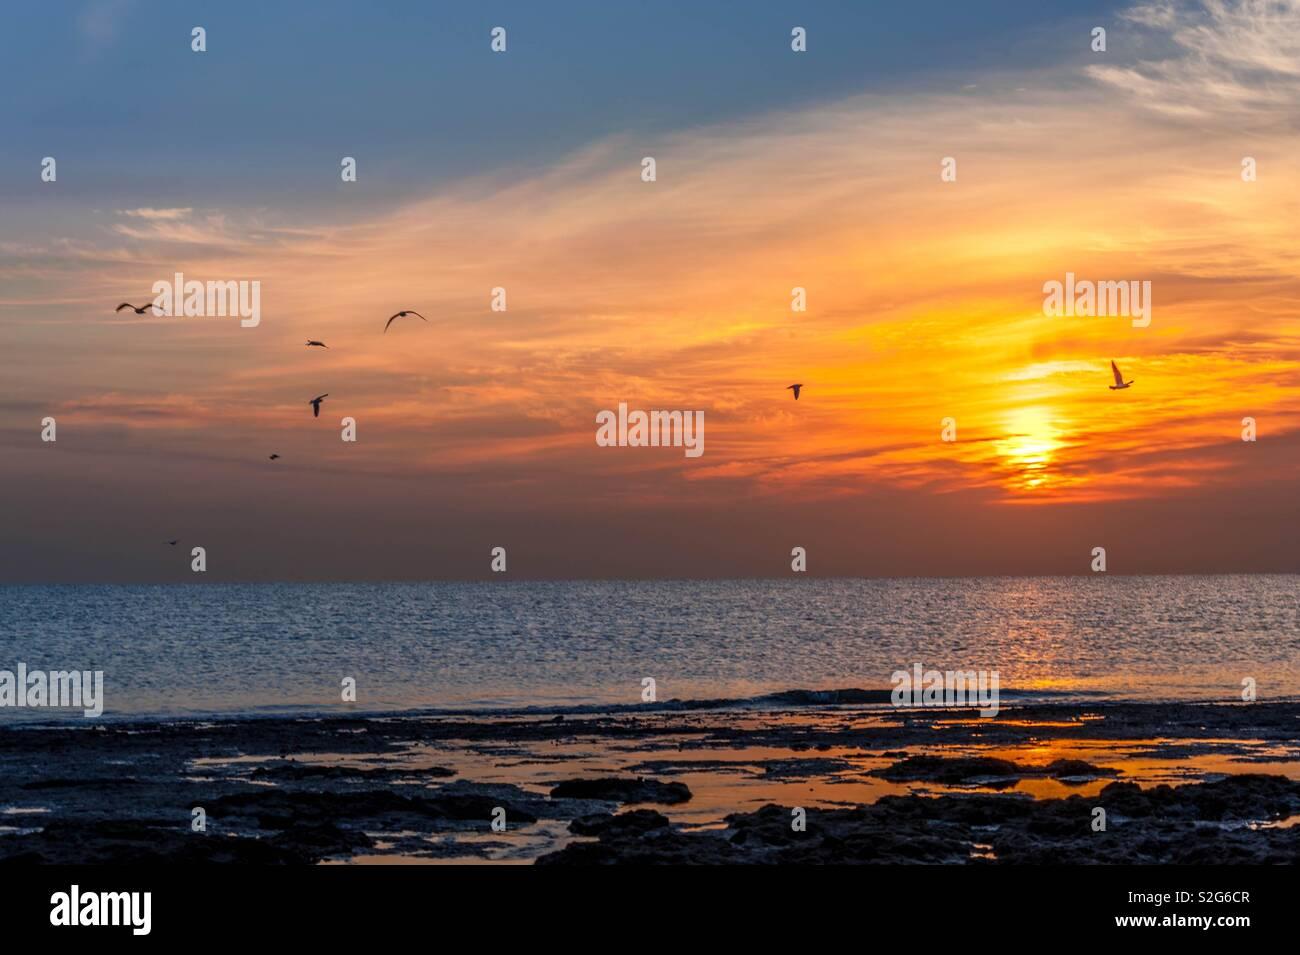 Sunrise Kuwait - Stock Image